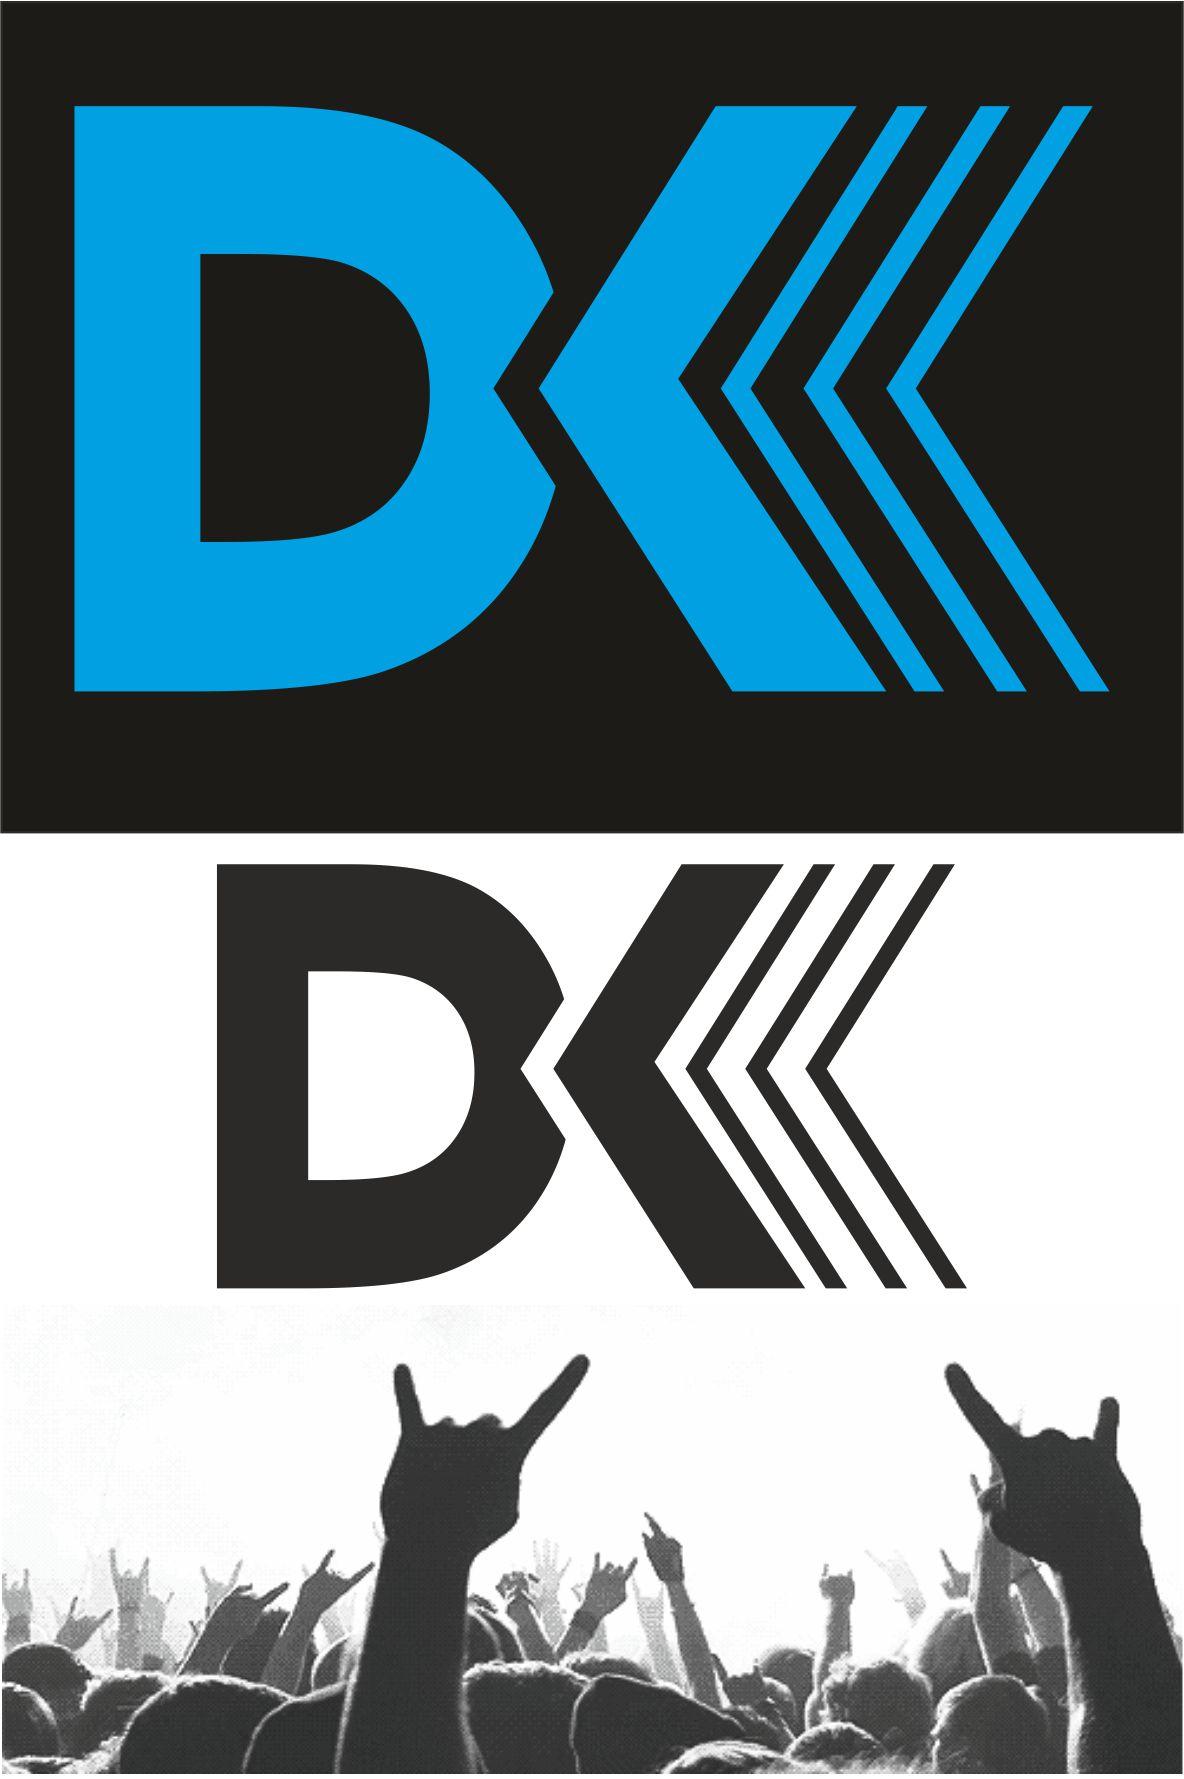 Нарисовать логотип для сольного музыкального проекта фото f_8965baaa1d0bebe4.jpg